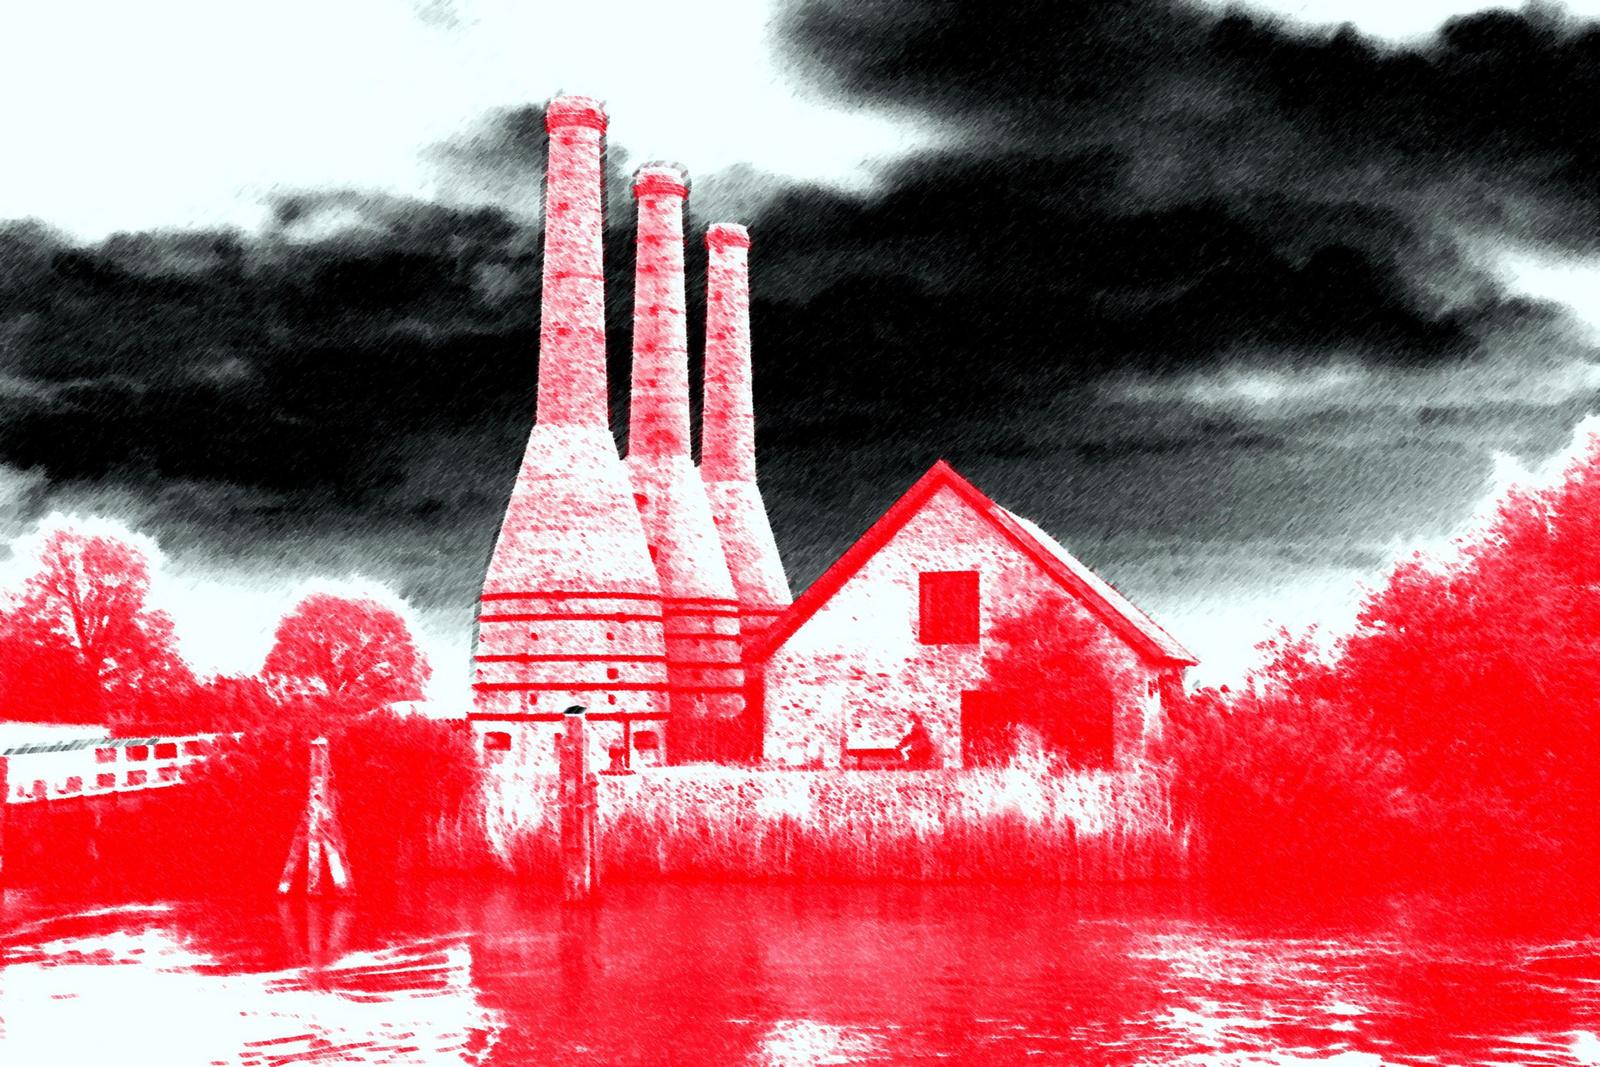 02 Vörös és fekete